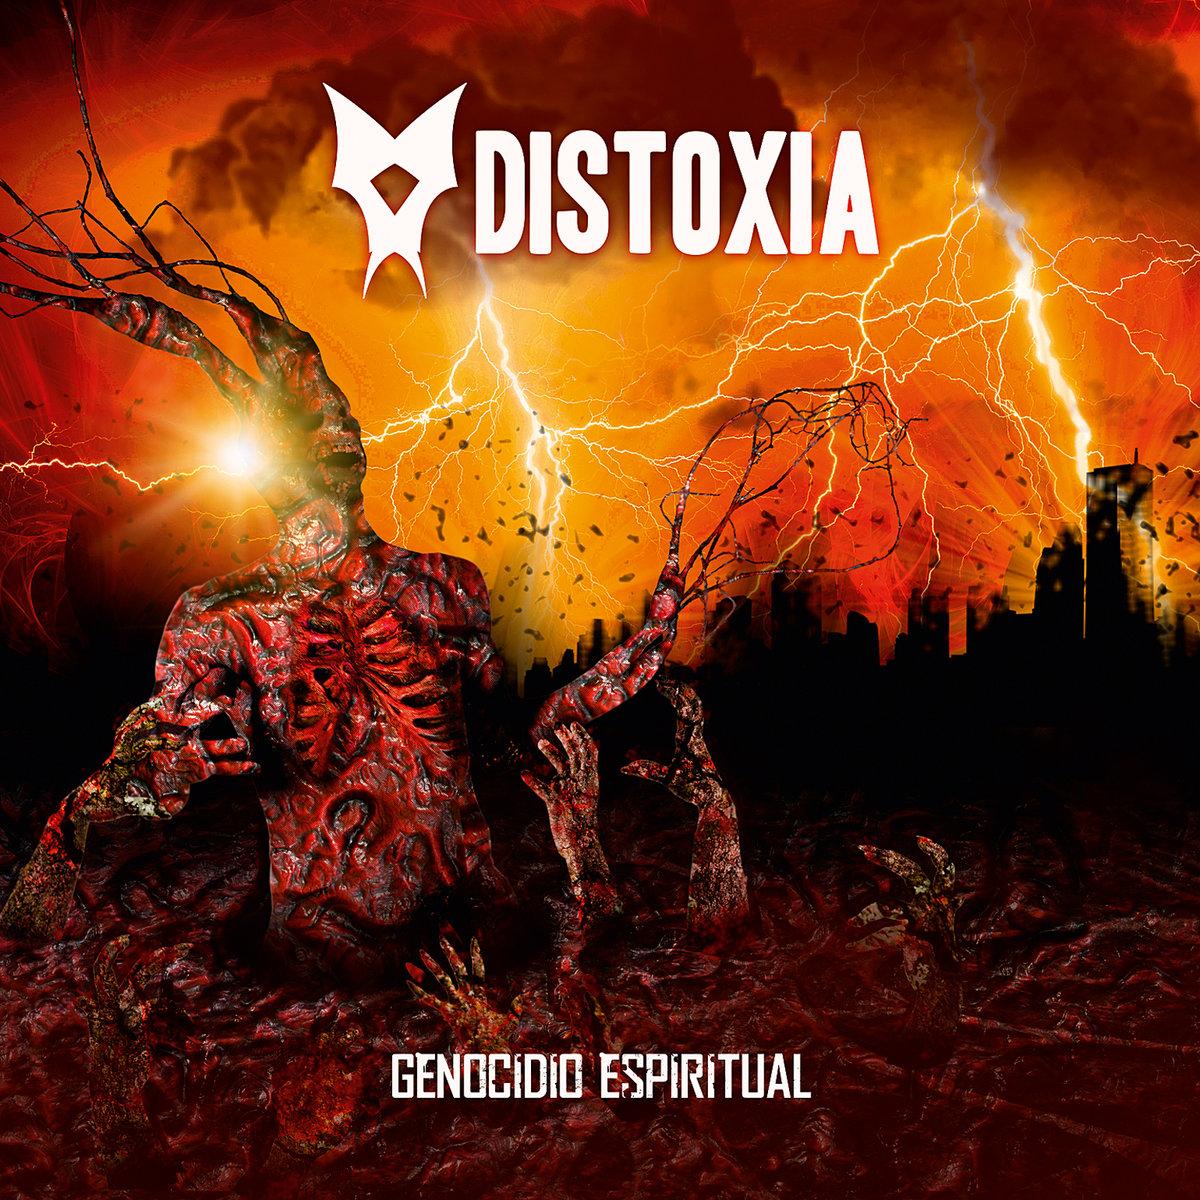 Distoxia - Genocidio Espiritual